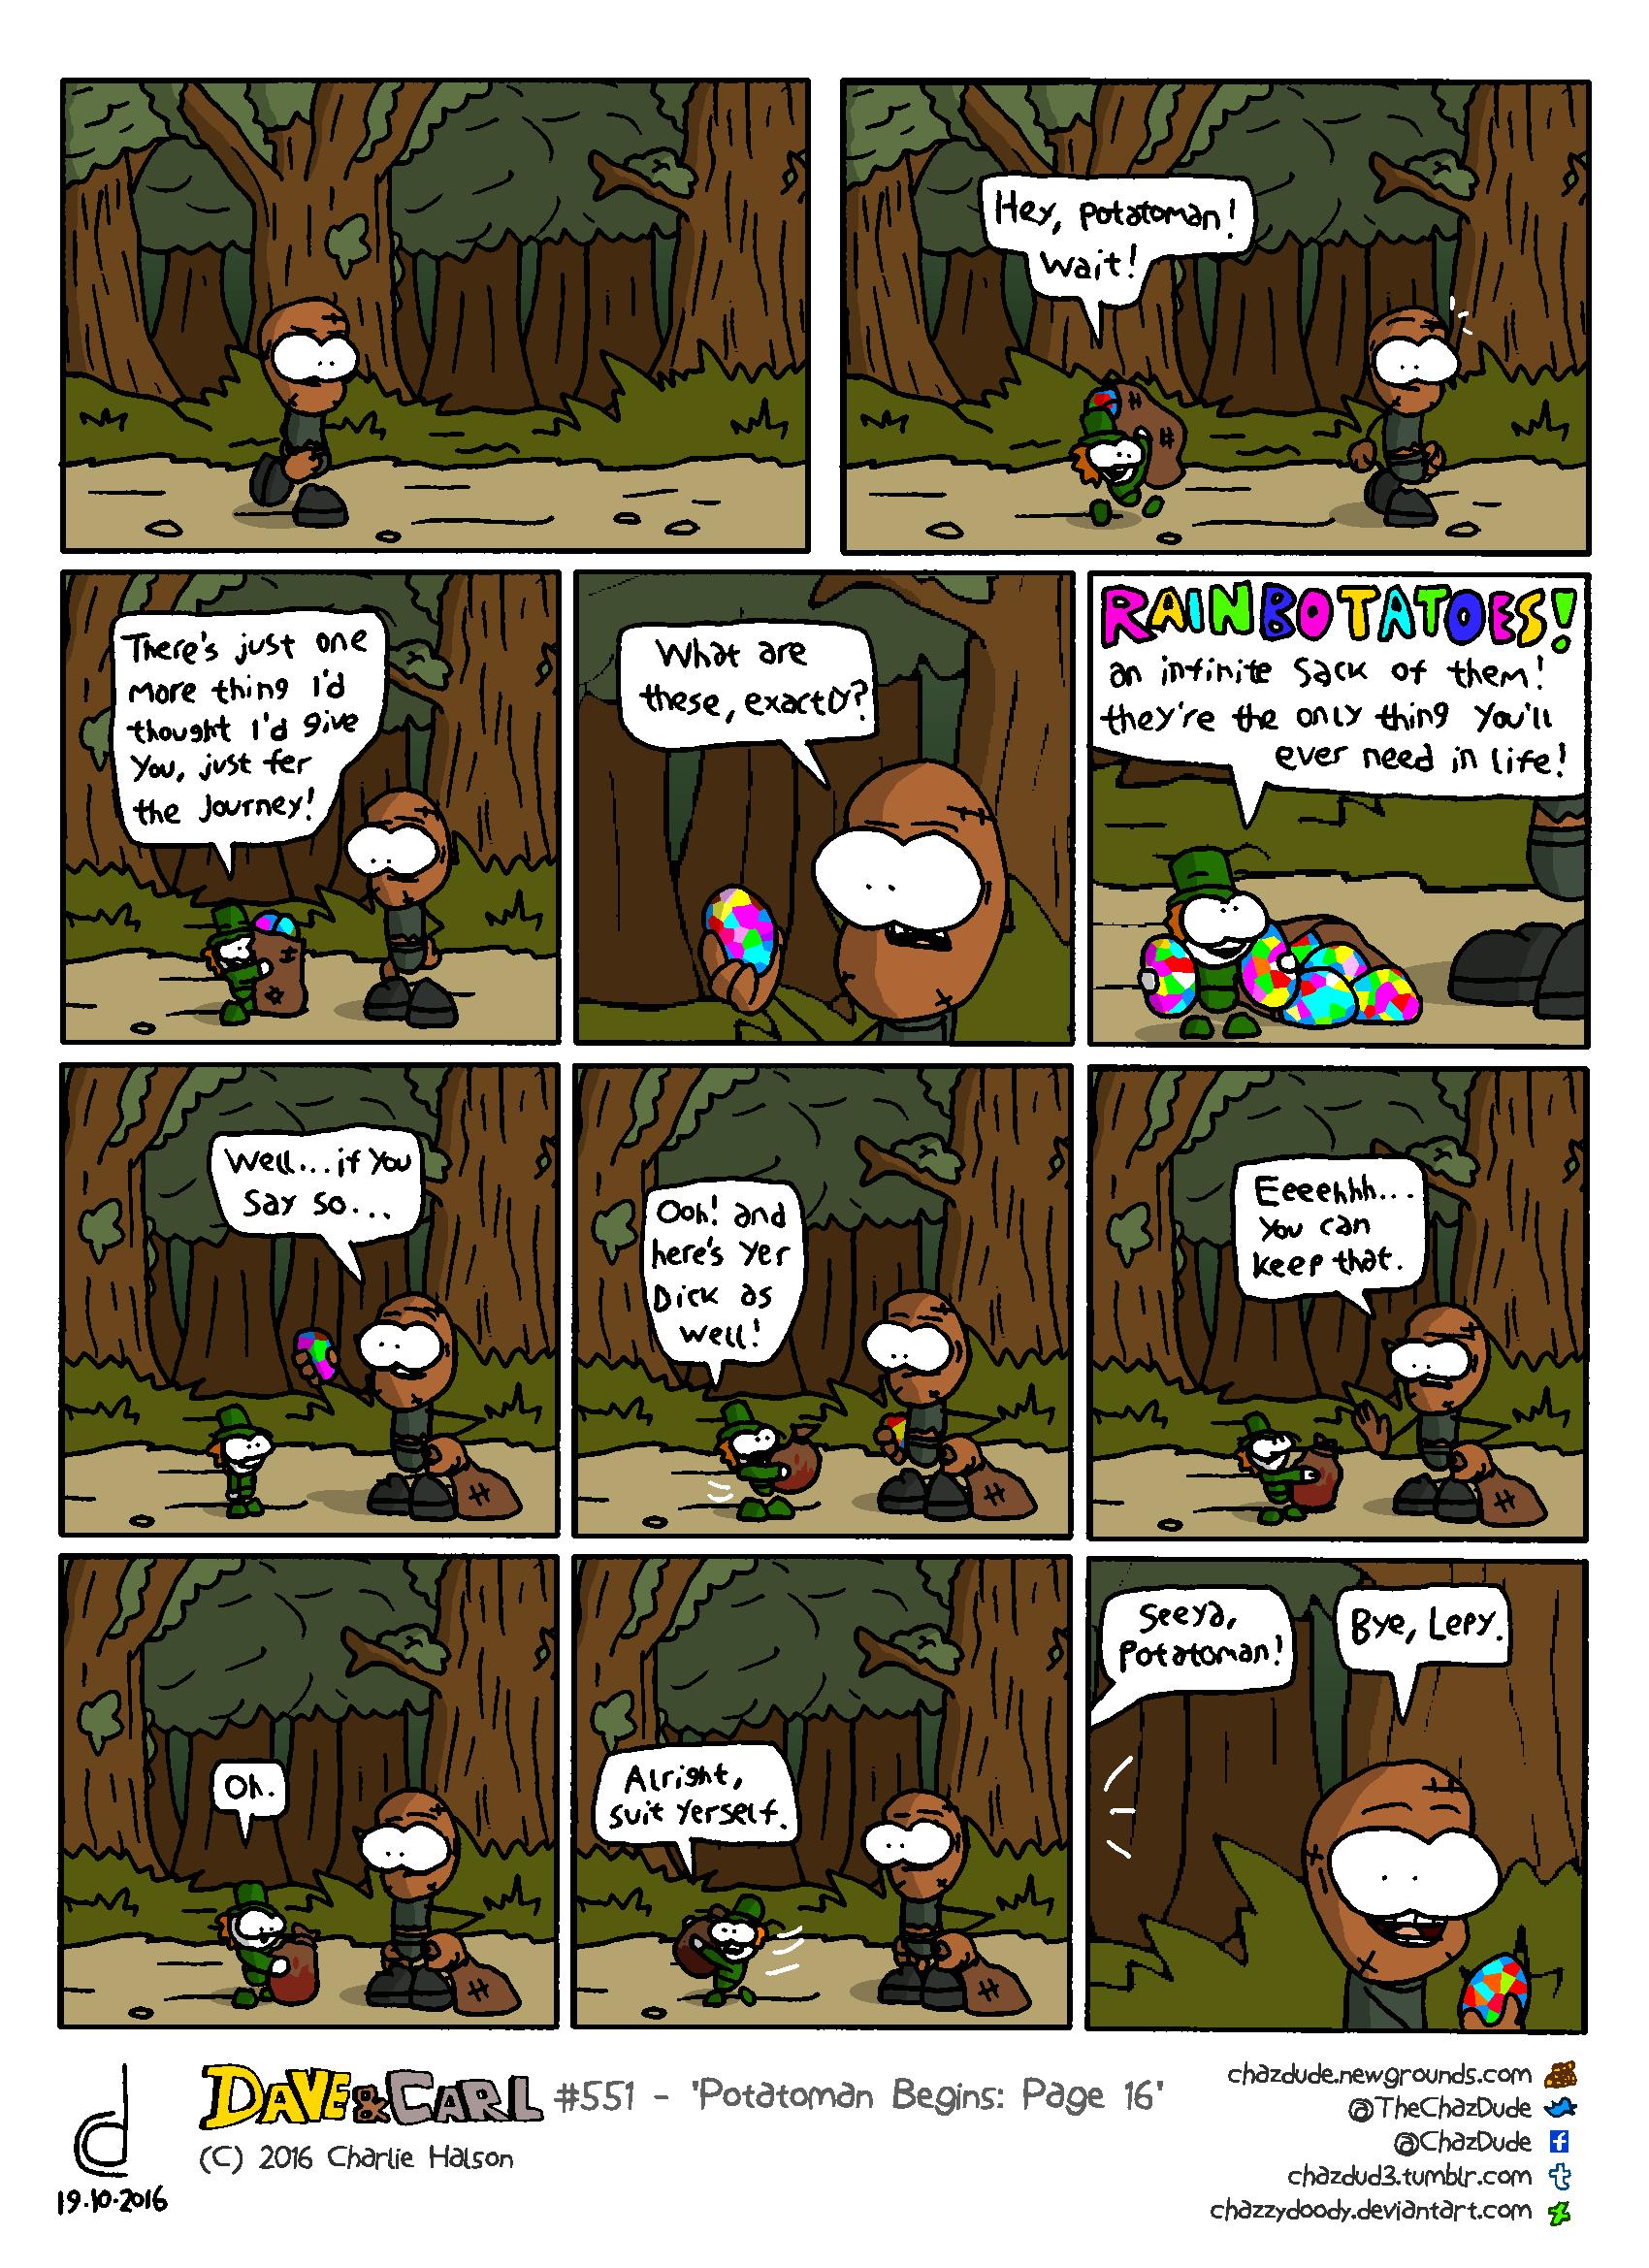 Potatoman Begins: Page 16